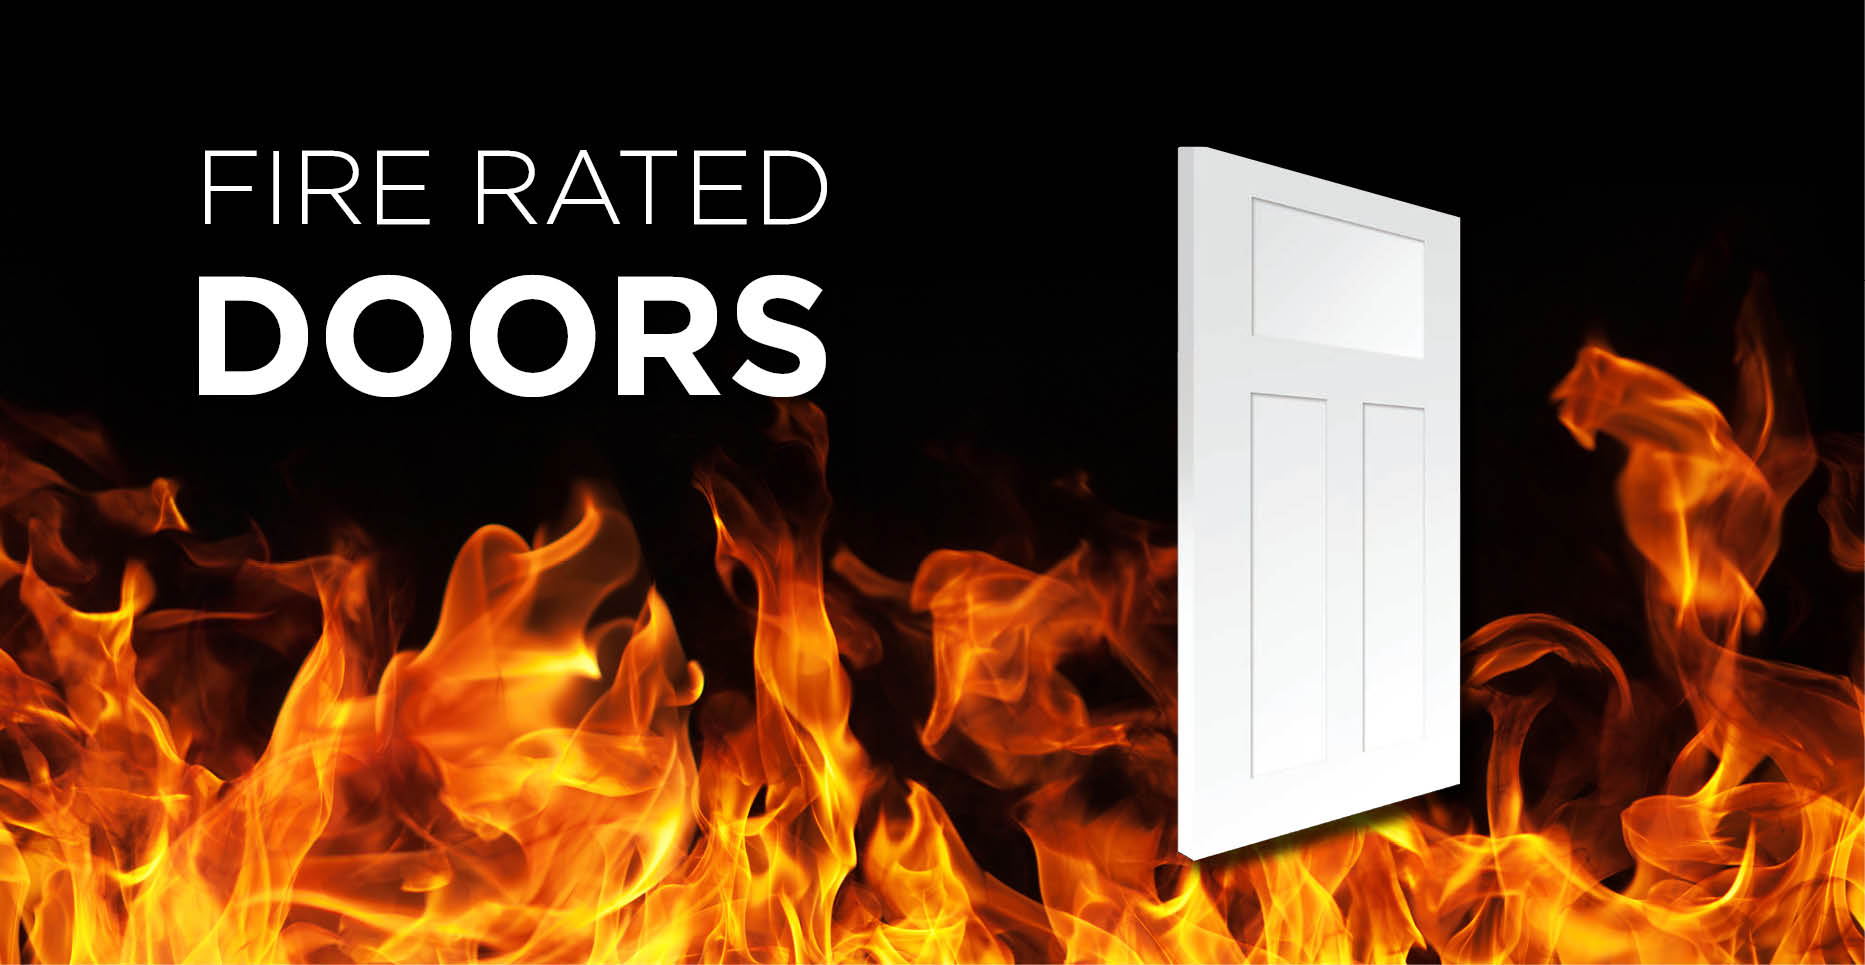 New 20 Minute Fire Rate Fiberglass Door Badger